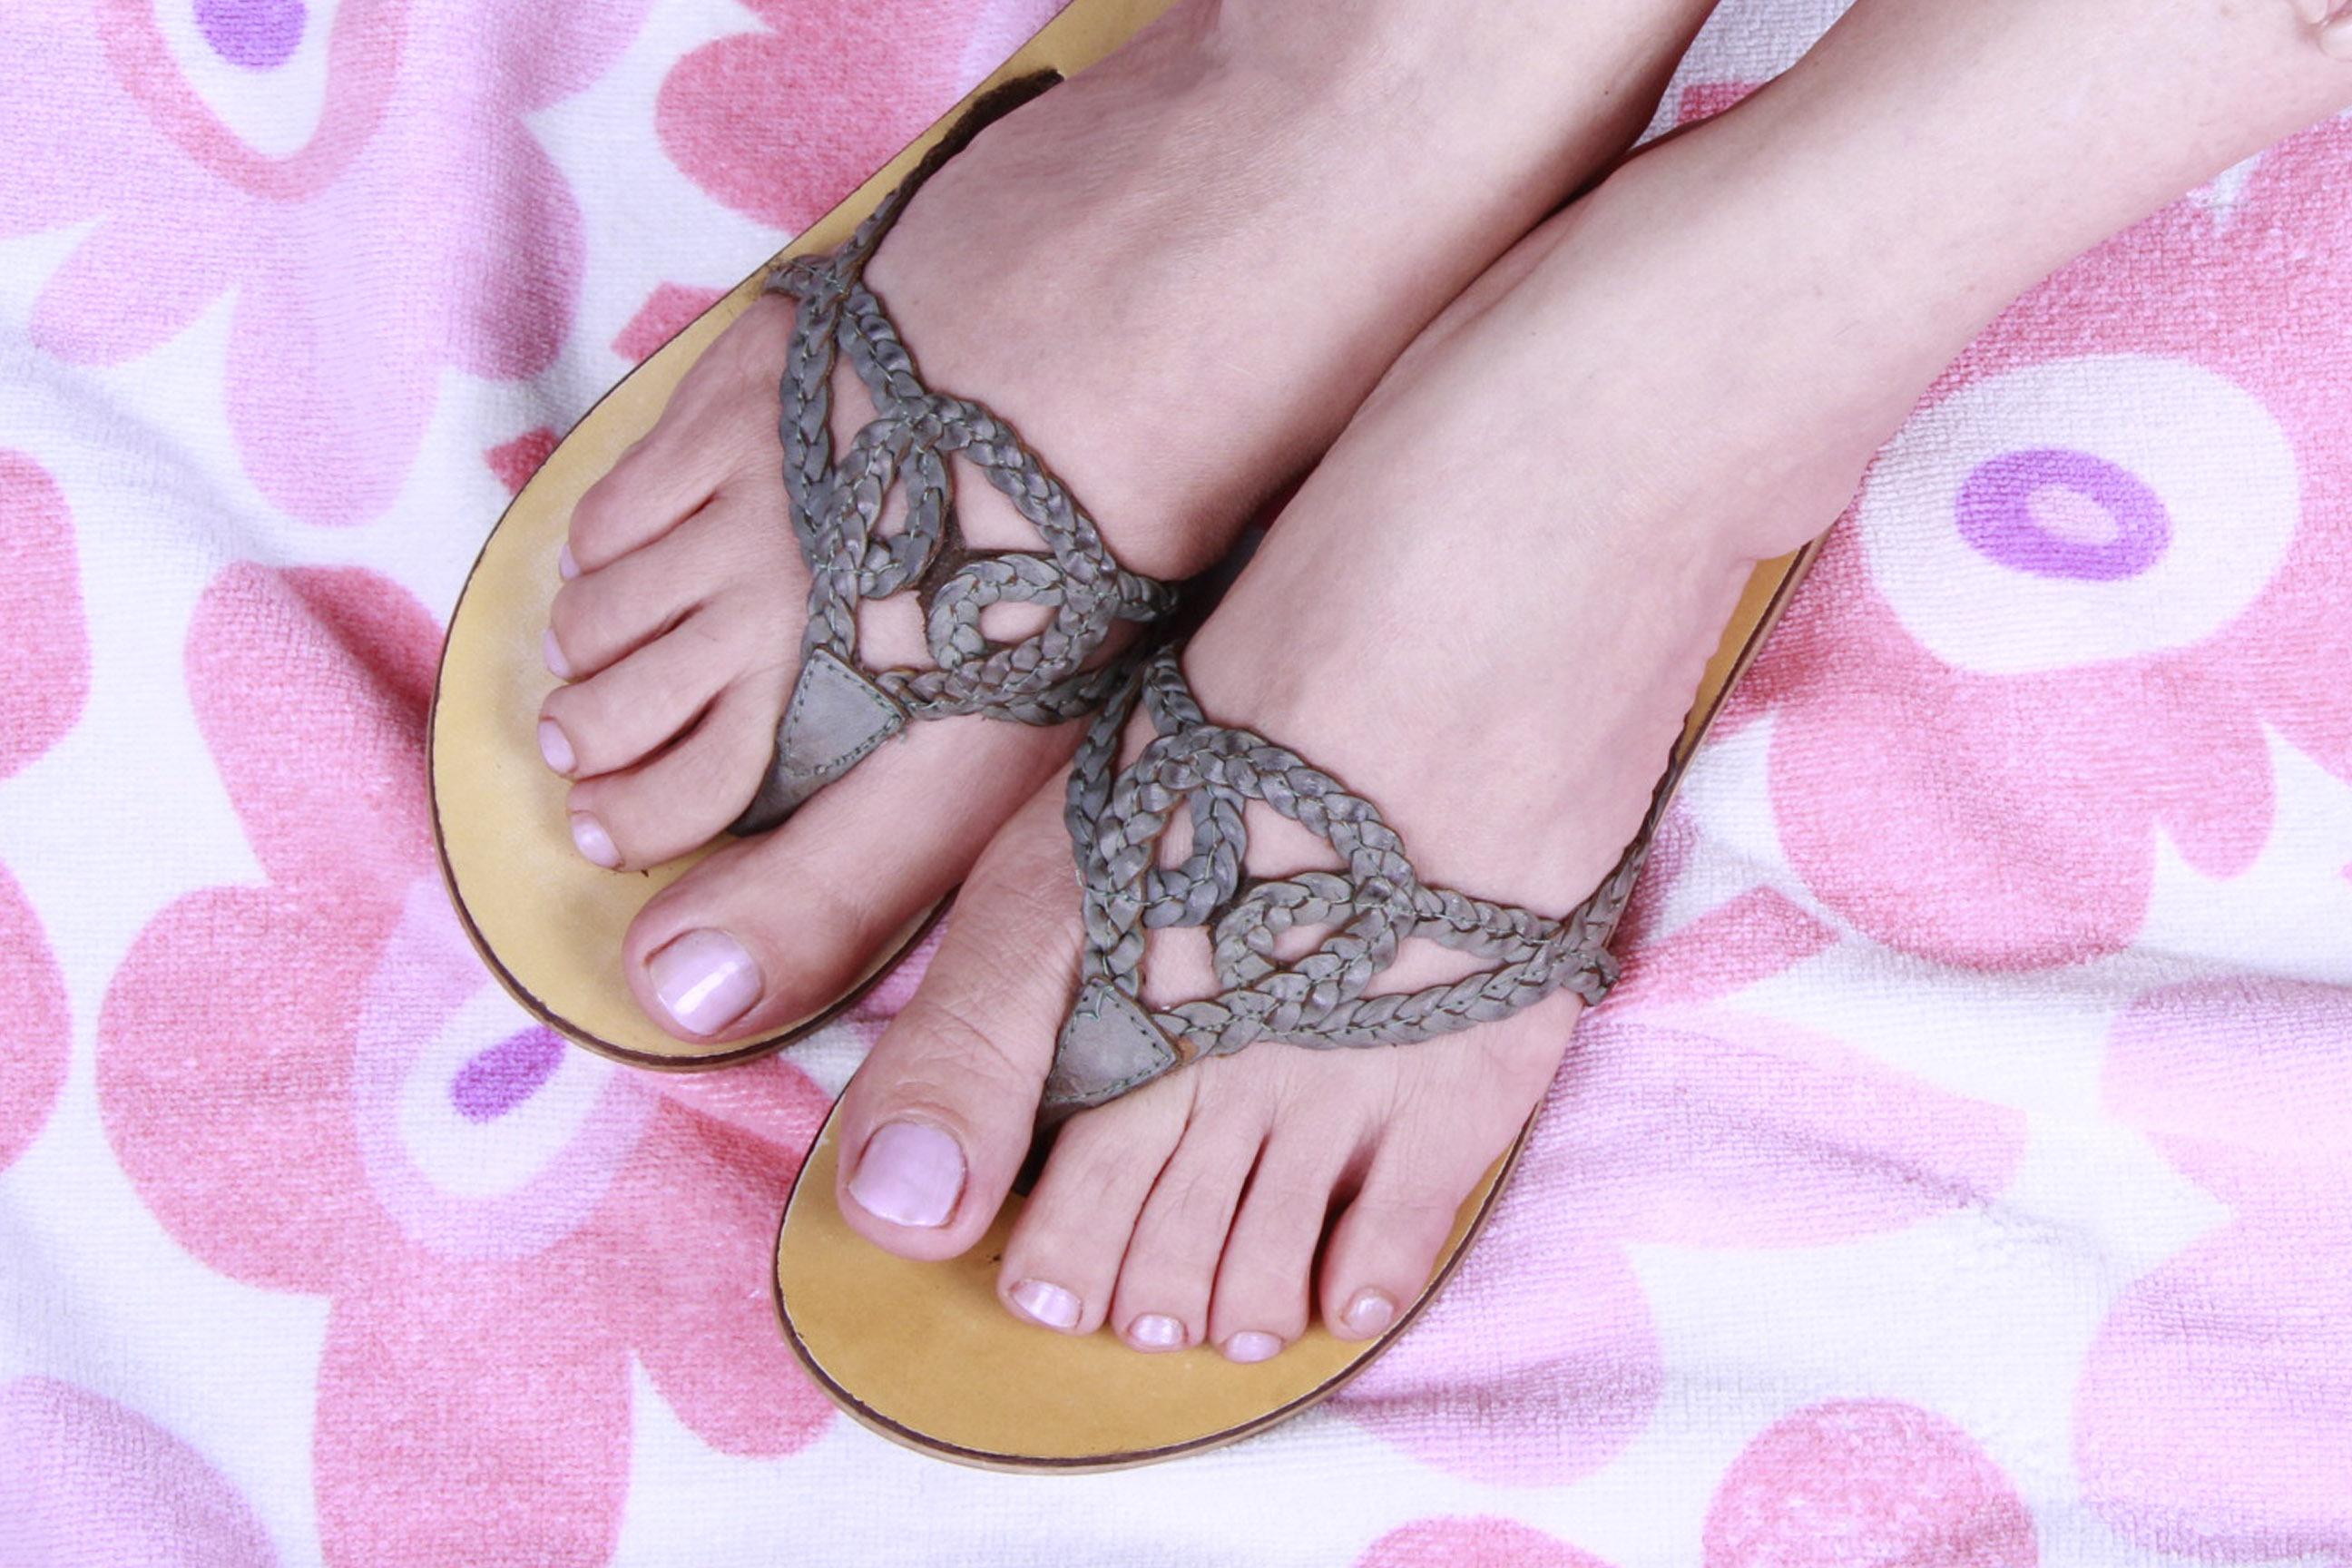 Marlon Braccia_Feet1